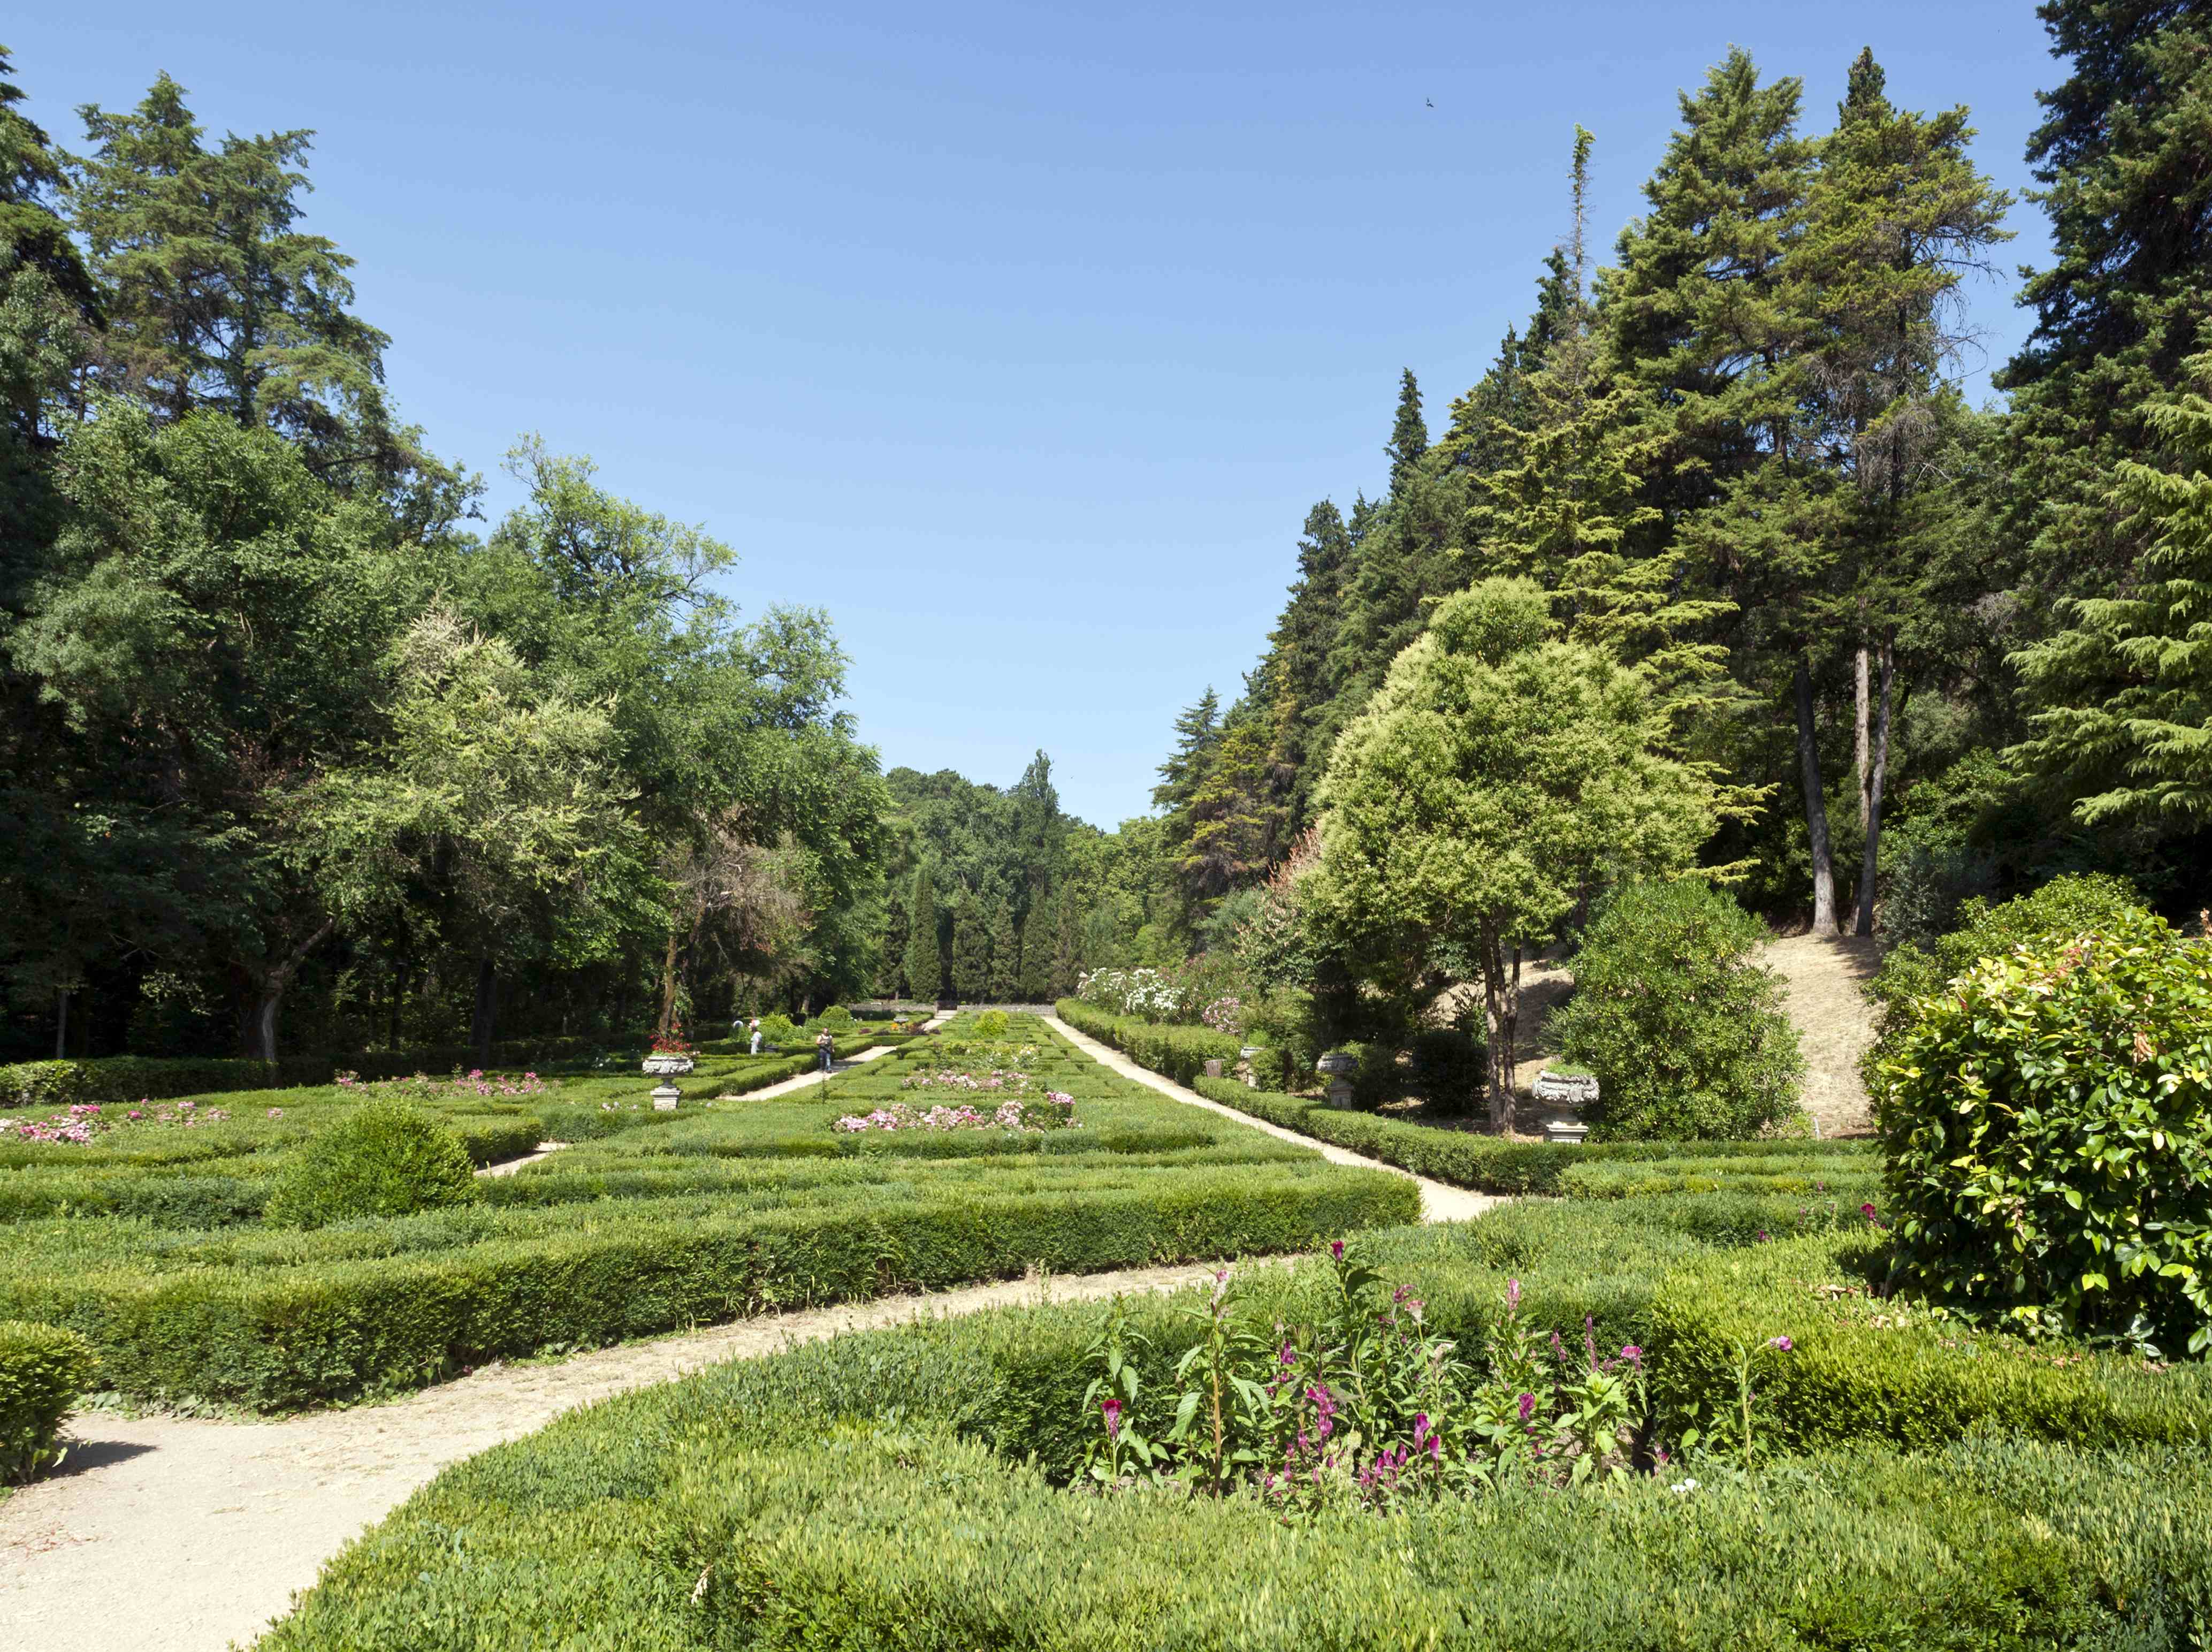 Nos anos 40 a Direção Geral dos Serviços Florestais e Agrícolas procedeu a várias intervenções na antiga cerca, plantando nas áreas de vale em tempo ocupadas por hortas e pomares o atual jardim formal.